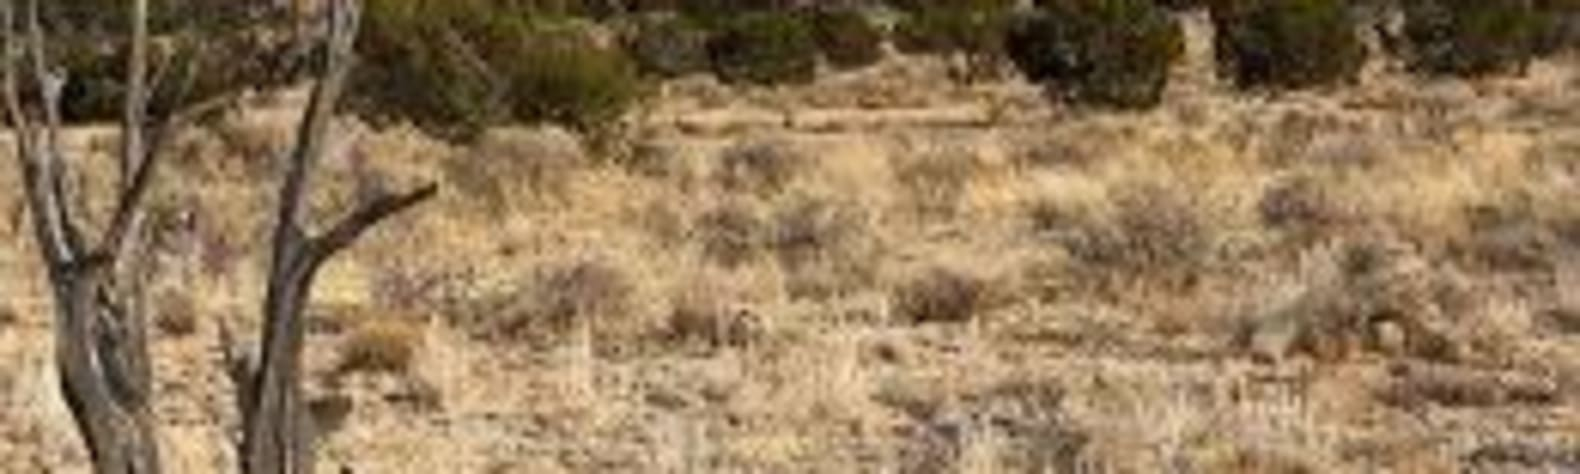 South Rim Ranch Grand Canyon Williams, AZ